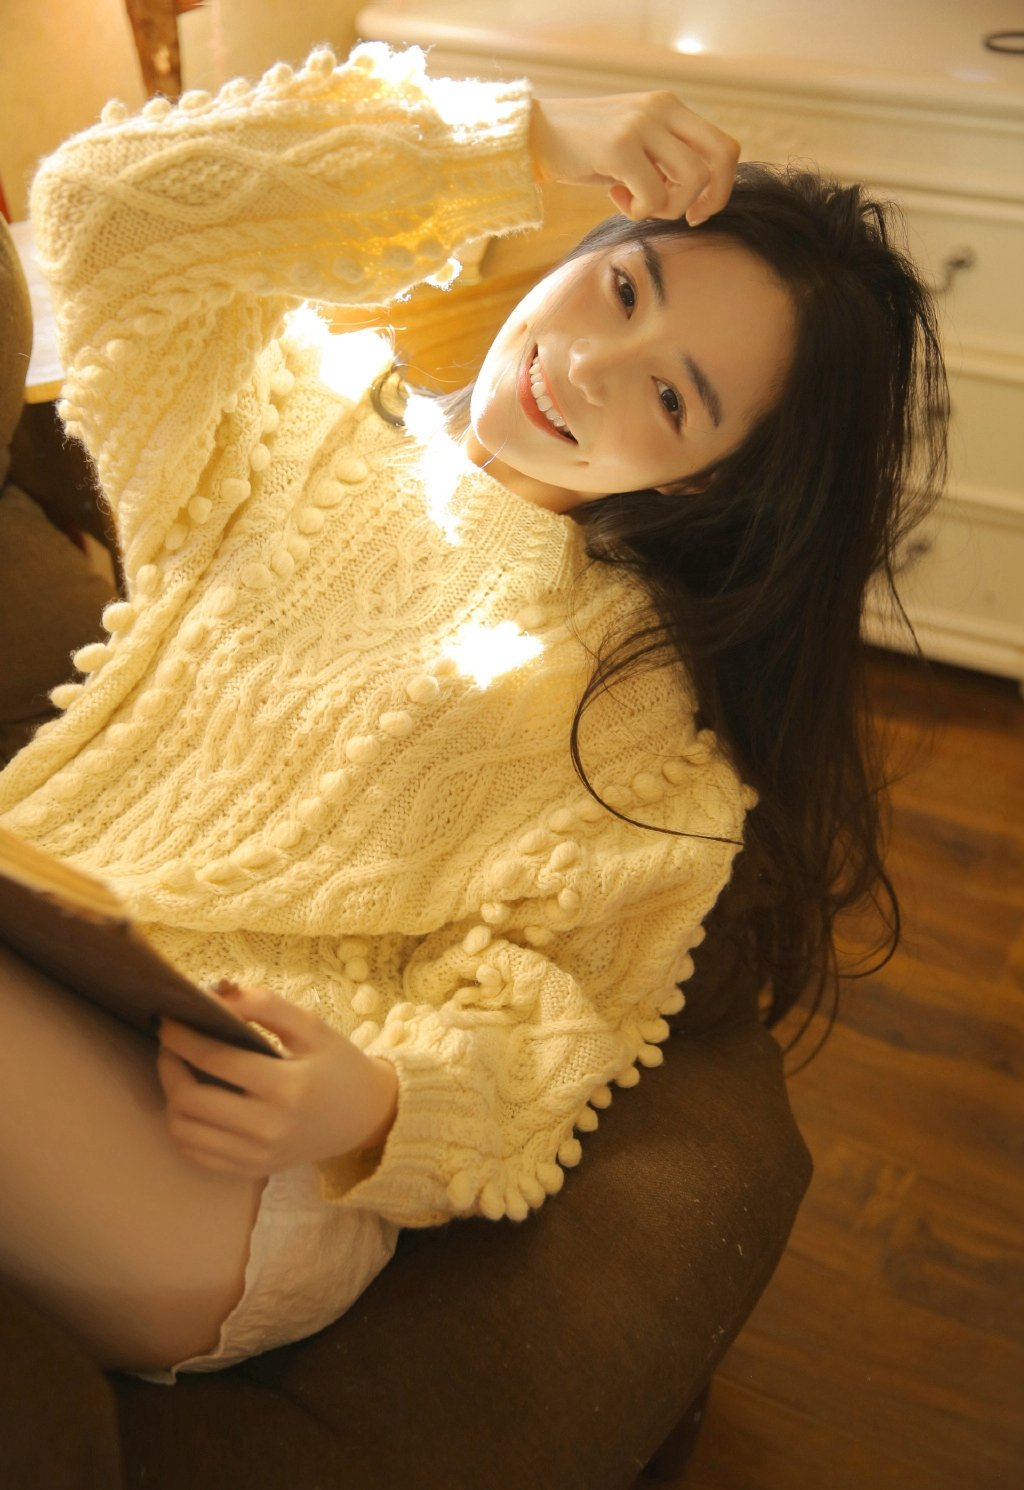 长发美女性感翘臀美腿写真图片